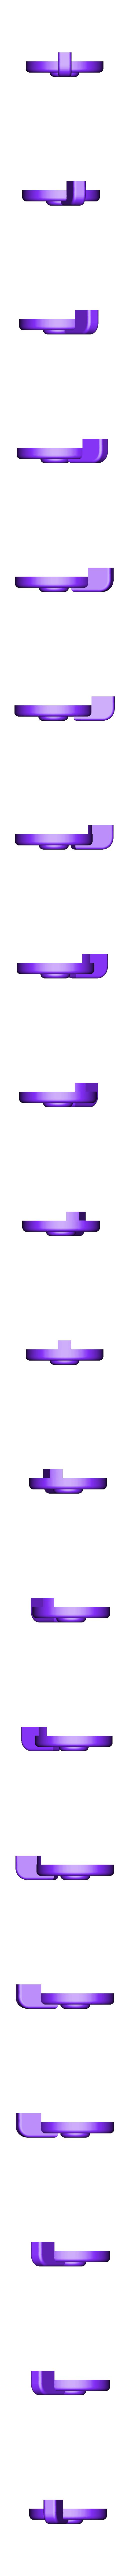 Closed_Side_Hatch.stl Télécharger fichier 3MF gratuit LIMACE MÉTALLIQUE - NOP-03 SARUBIE • Plan imprimable en 3D, FreeBug